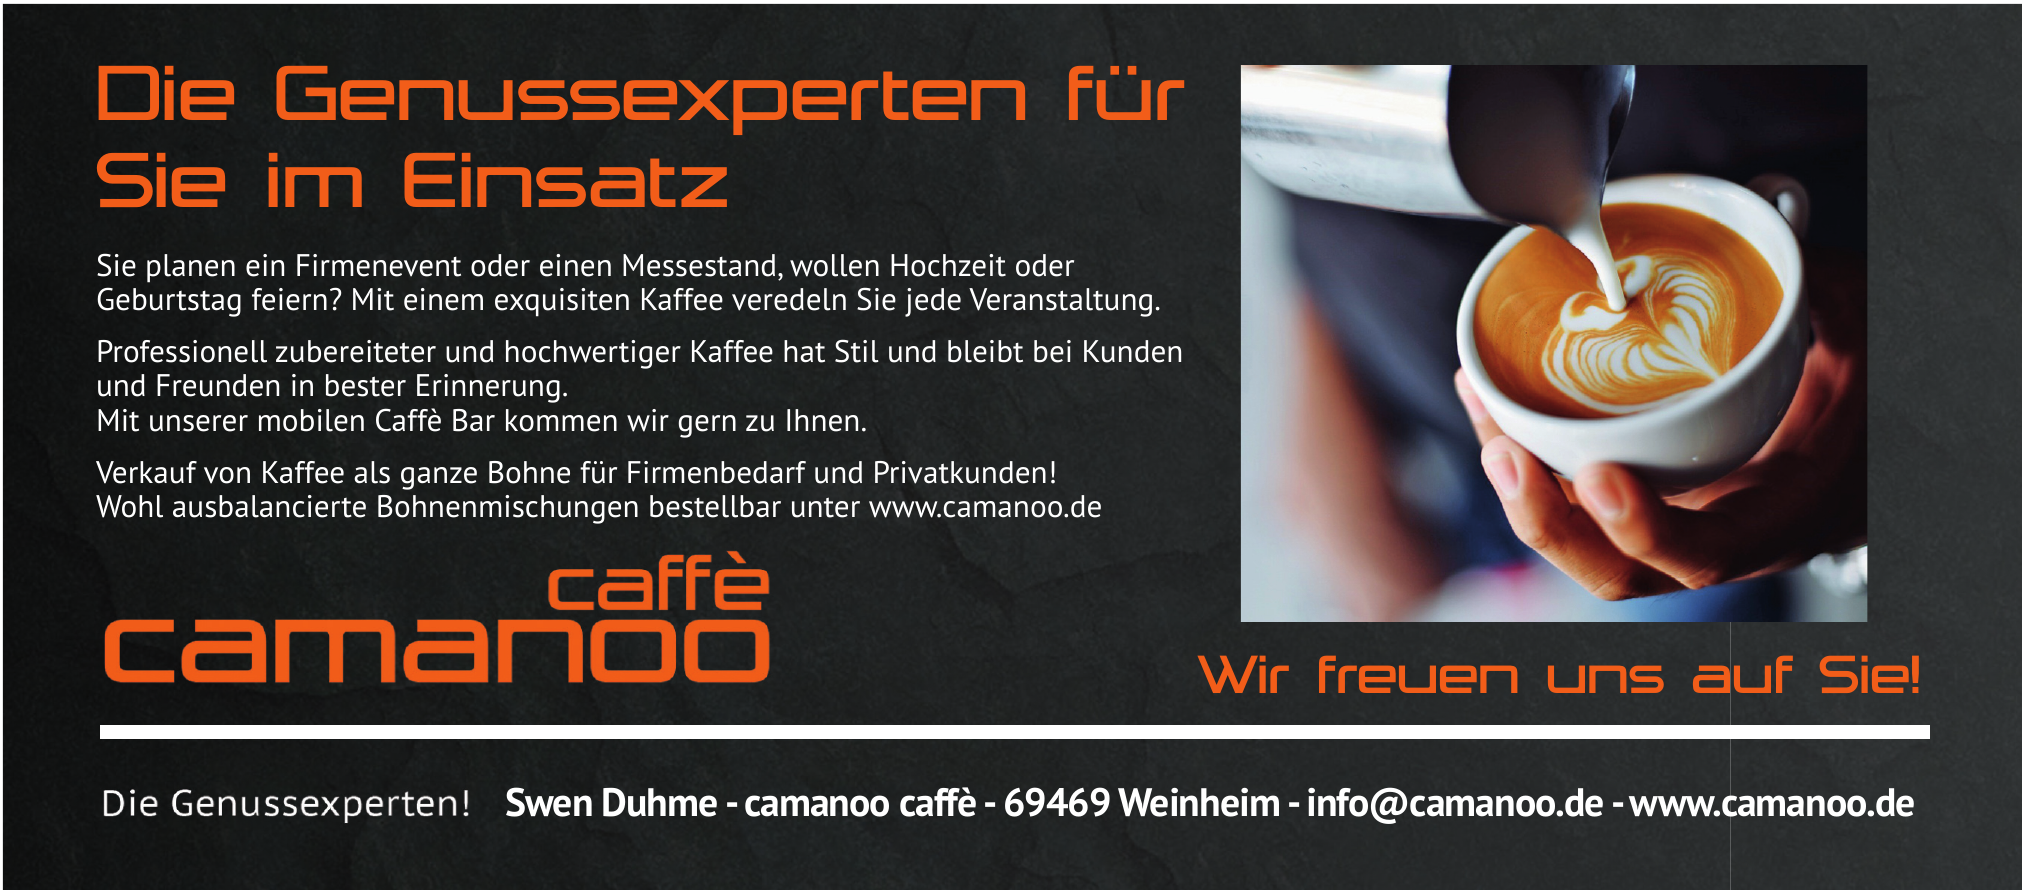 Swen Duhme - camanoo caffè